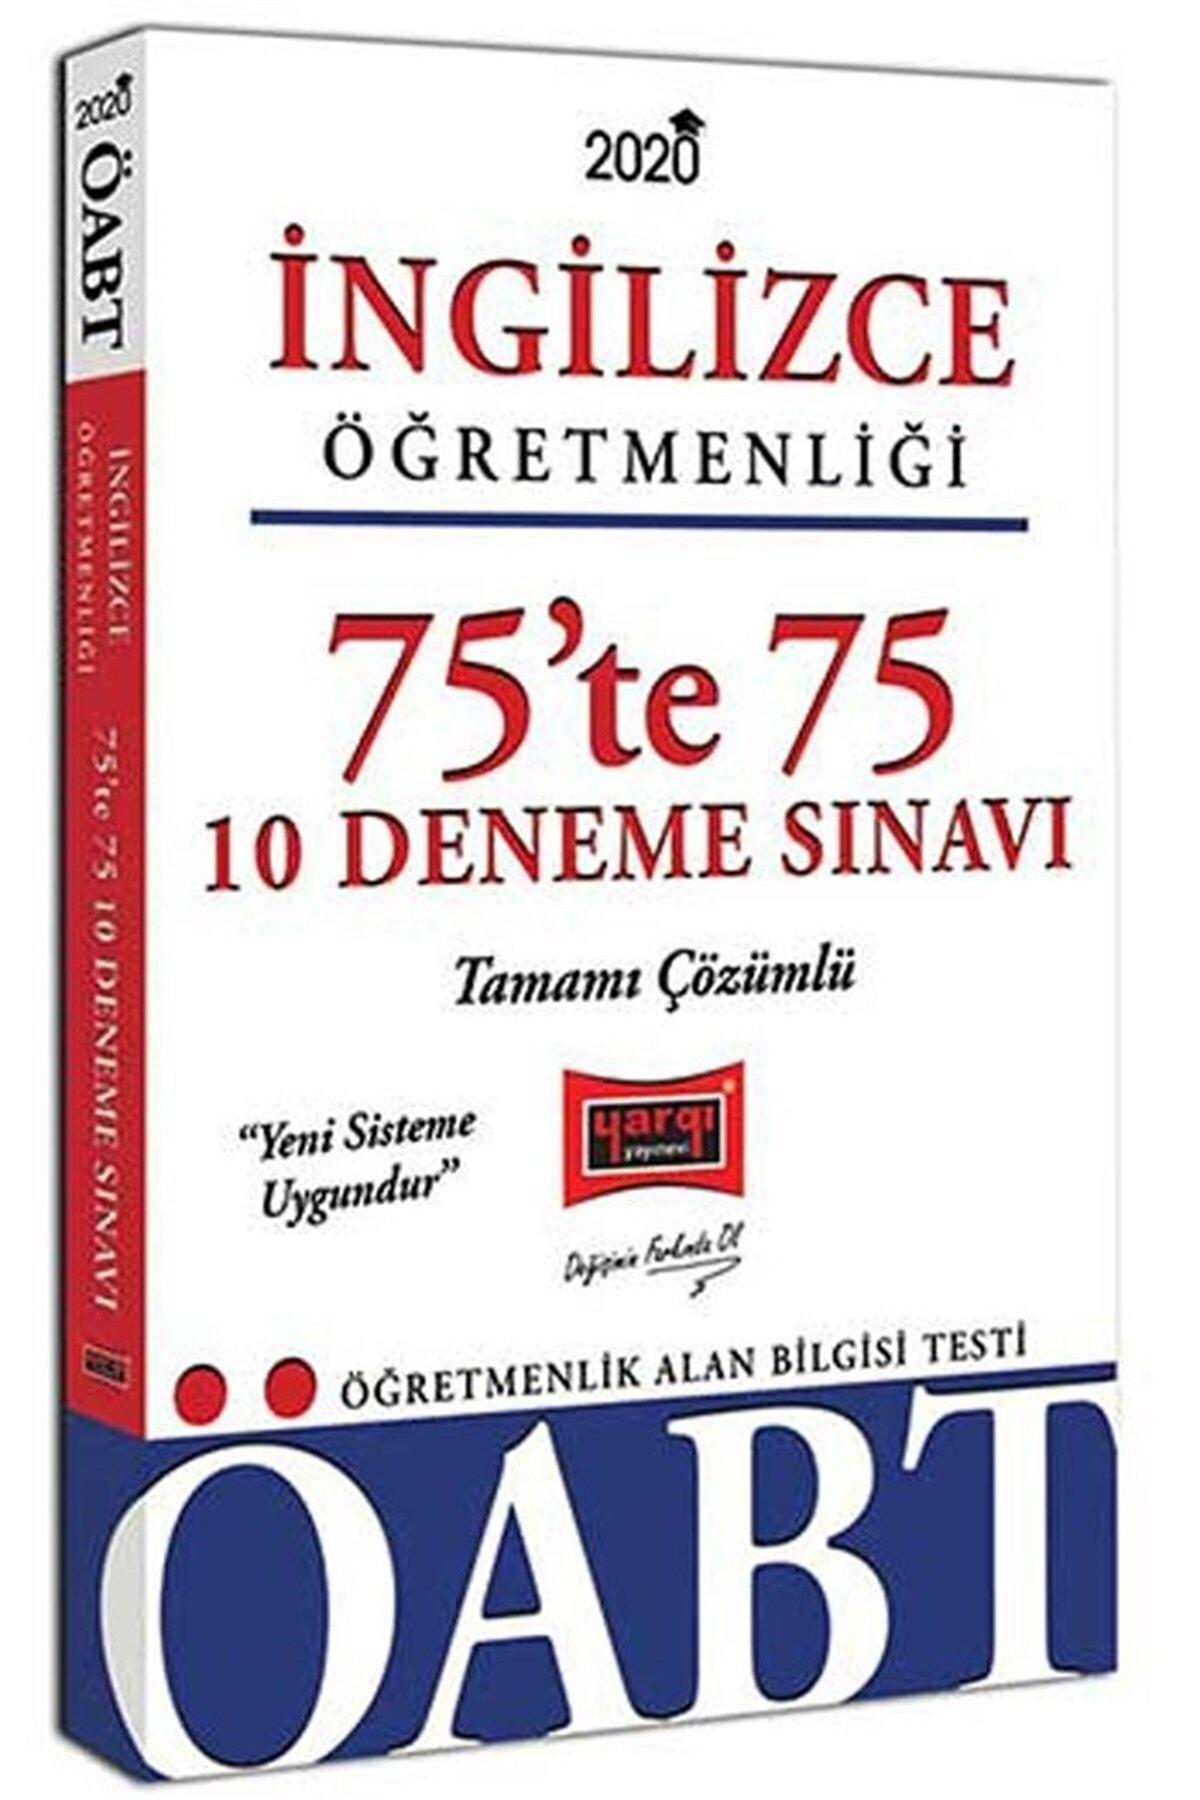 Yargı Yayınları 2020 ÖABT İngilizce Öğretmenliği 75te 75 Tamamı Çözümlü 10 Deneme Sınavı 1